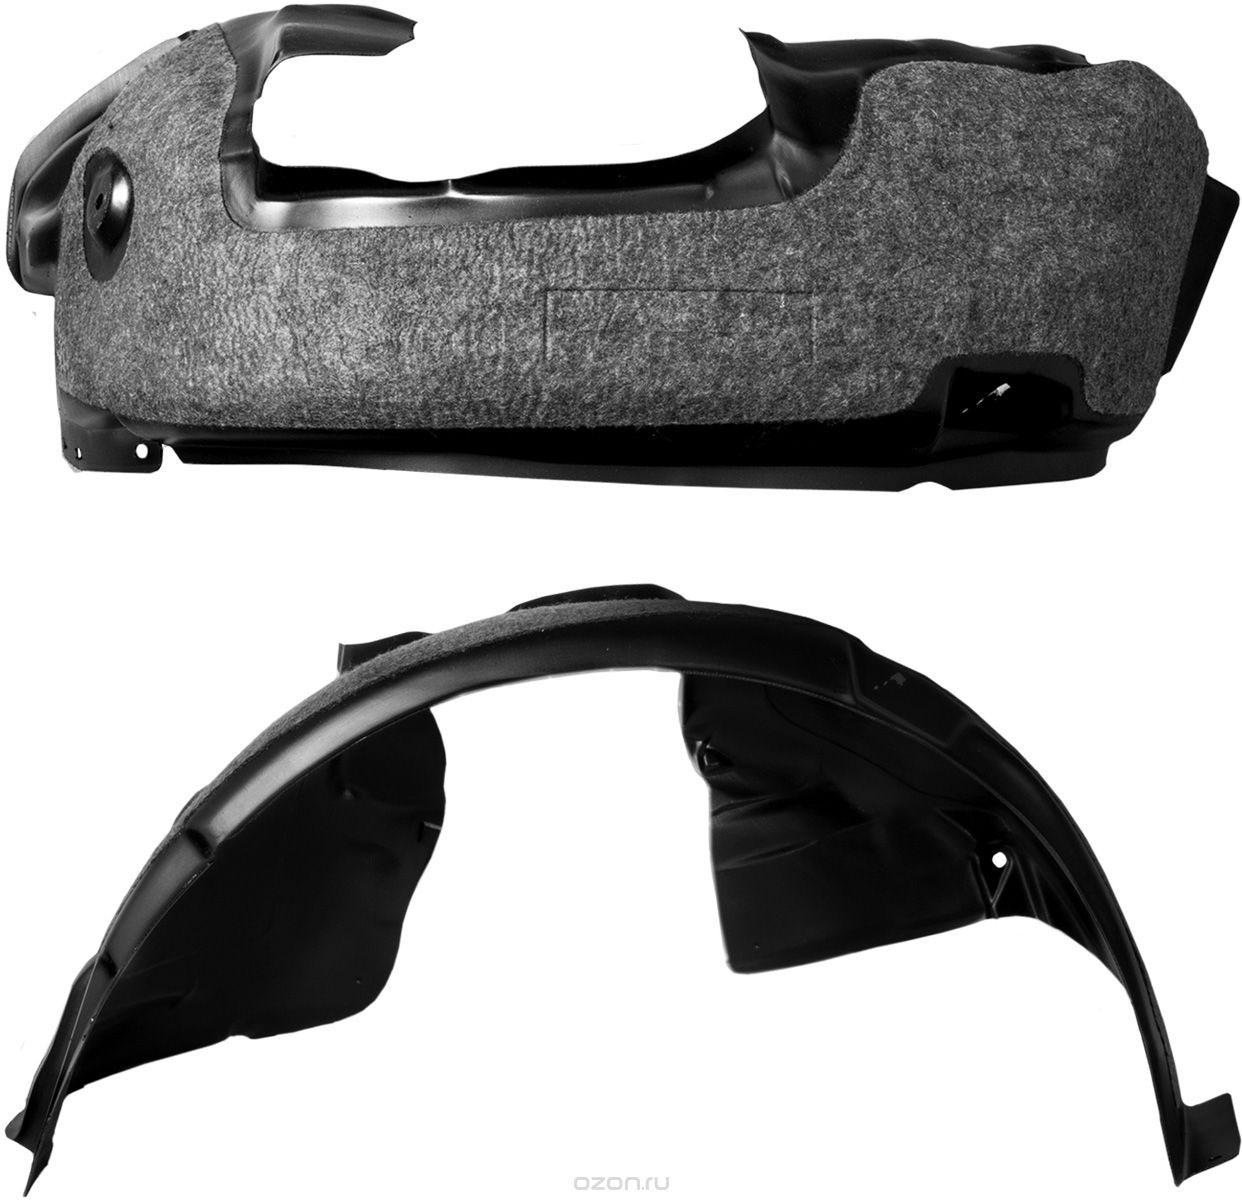 Подкрылок Novline-Autofamily с шумоизоляцией, для Ravon Nexia R3, 2016->, задний правыйNLS.102.02.004Идеальная защита колесной ниши. Локеры разработаны с применением цифровых технологий, гарантируют максимальную повторяемость поверхности арки. Изделия устанавливаются без нарушения лакокрасочного покрытия автомобиля, каждый подкрылок комплектуется крепежом. Уважаемые клиенты, обращаем ваше внимание, что фотографии на подкрылки универсальные и не отражают реальную форму изделия. При этом само изделие идет точно под размер указанного автомобиля.